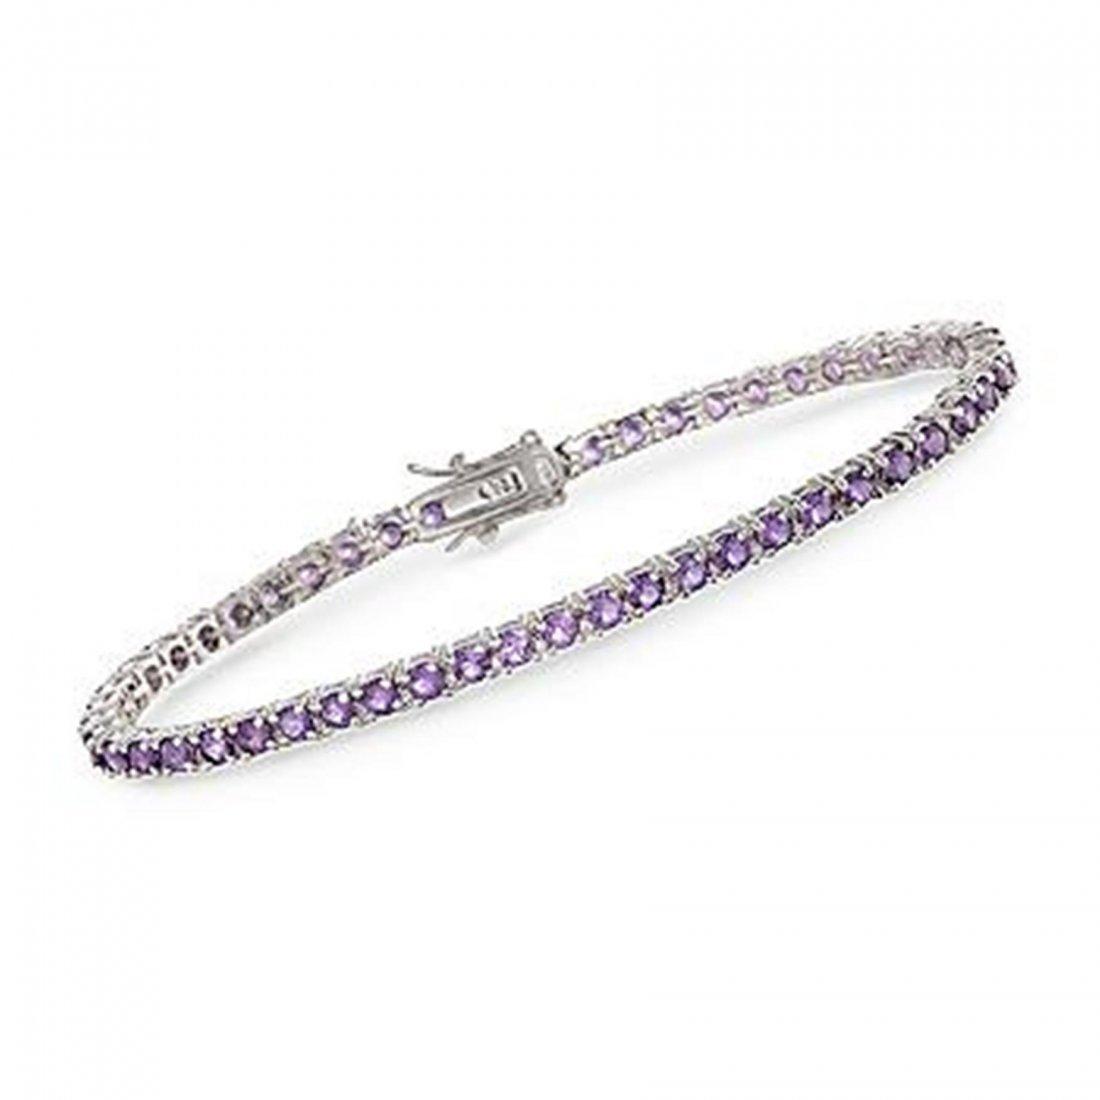 5.00 ct. t.w. Purple Amethyst Tennis Bracelet in